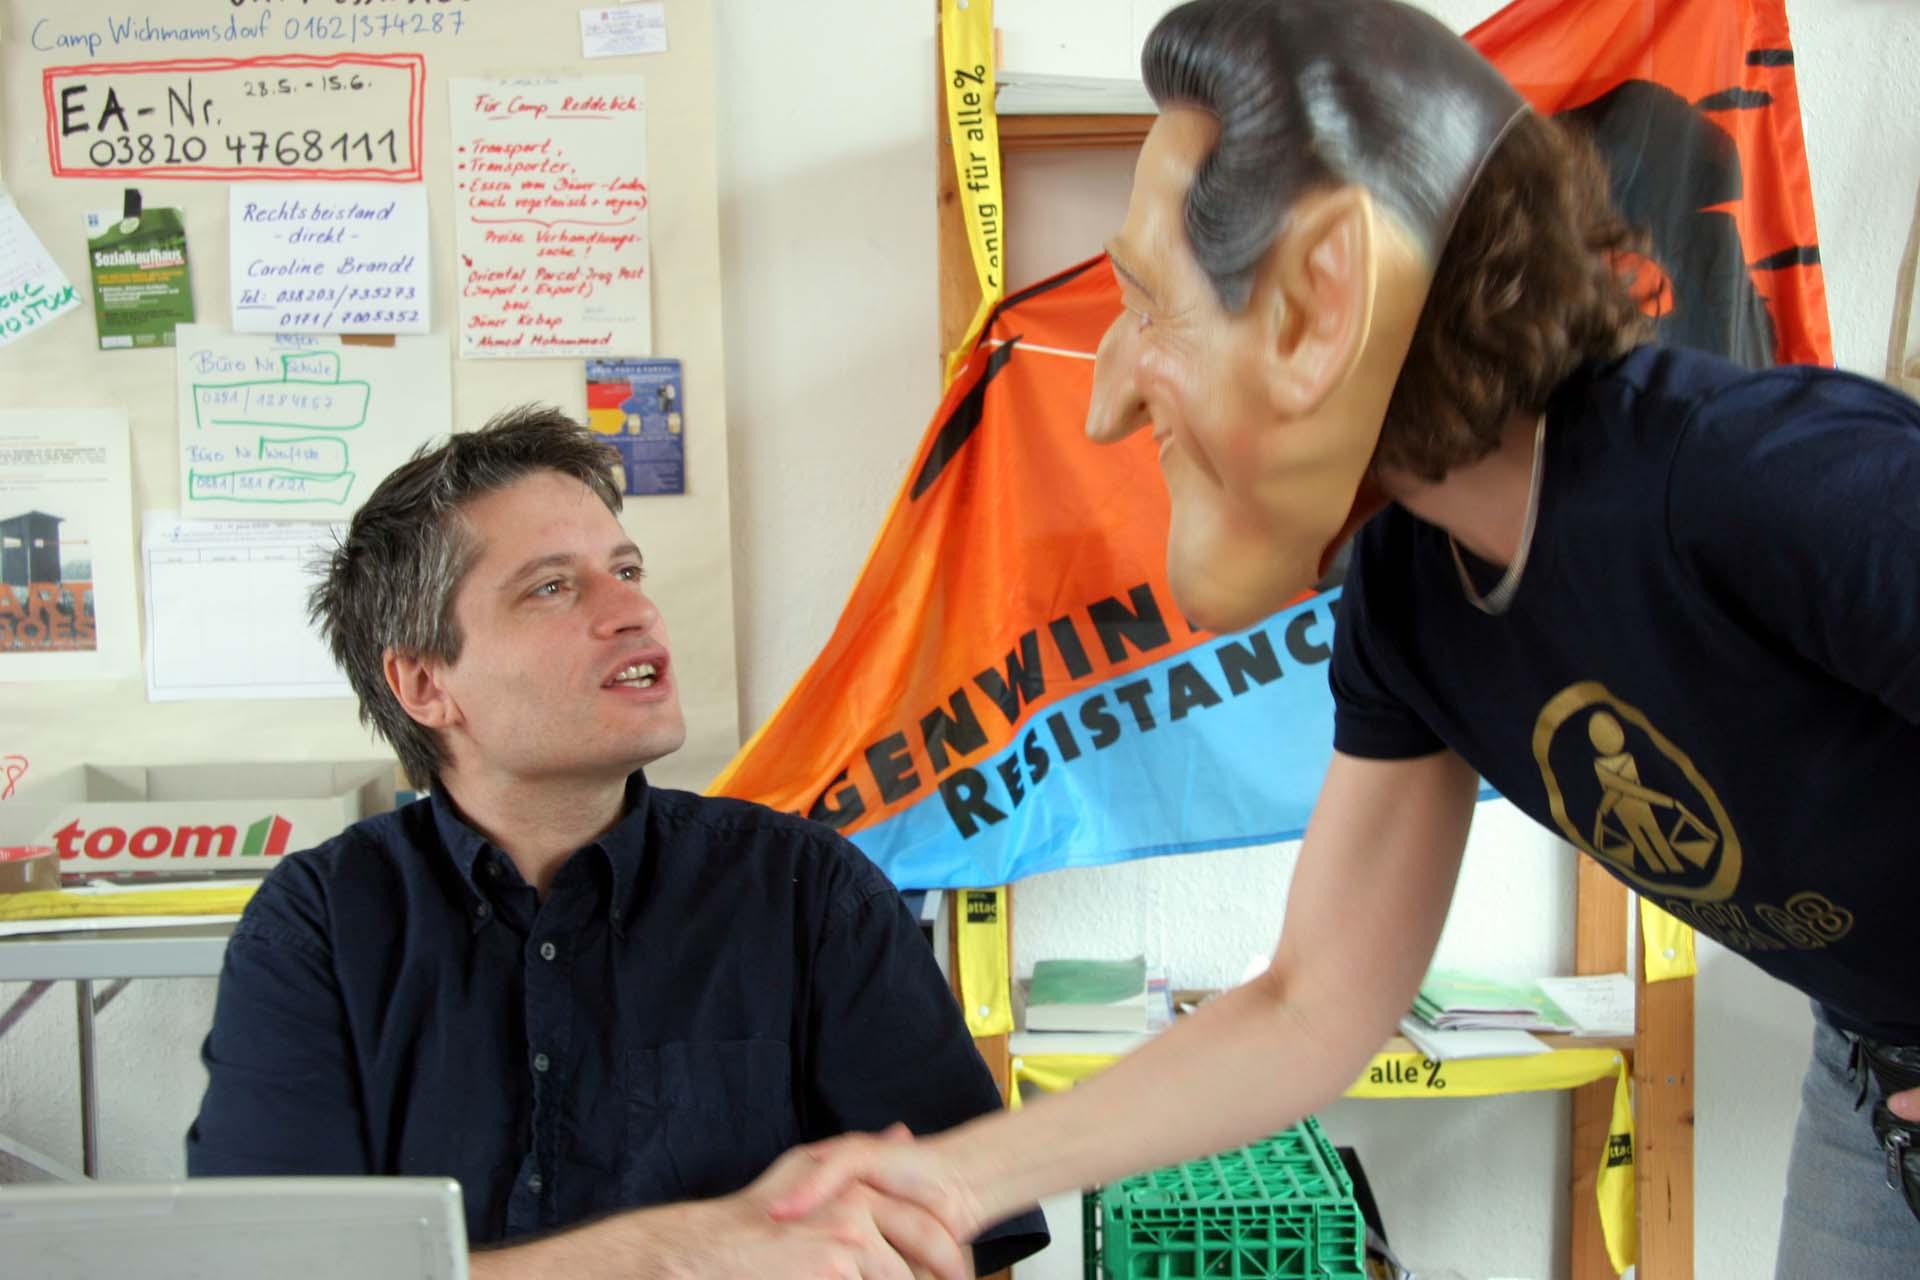 """Sven Giegold vom Attac Koordinierungsrat im Attac Büro des Convergence Center in Rostock schüttelt """"Nicolas Sarkozy"""" die Hand..."""